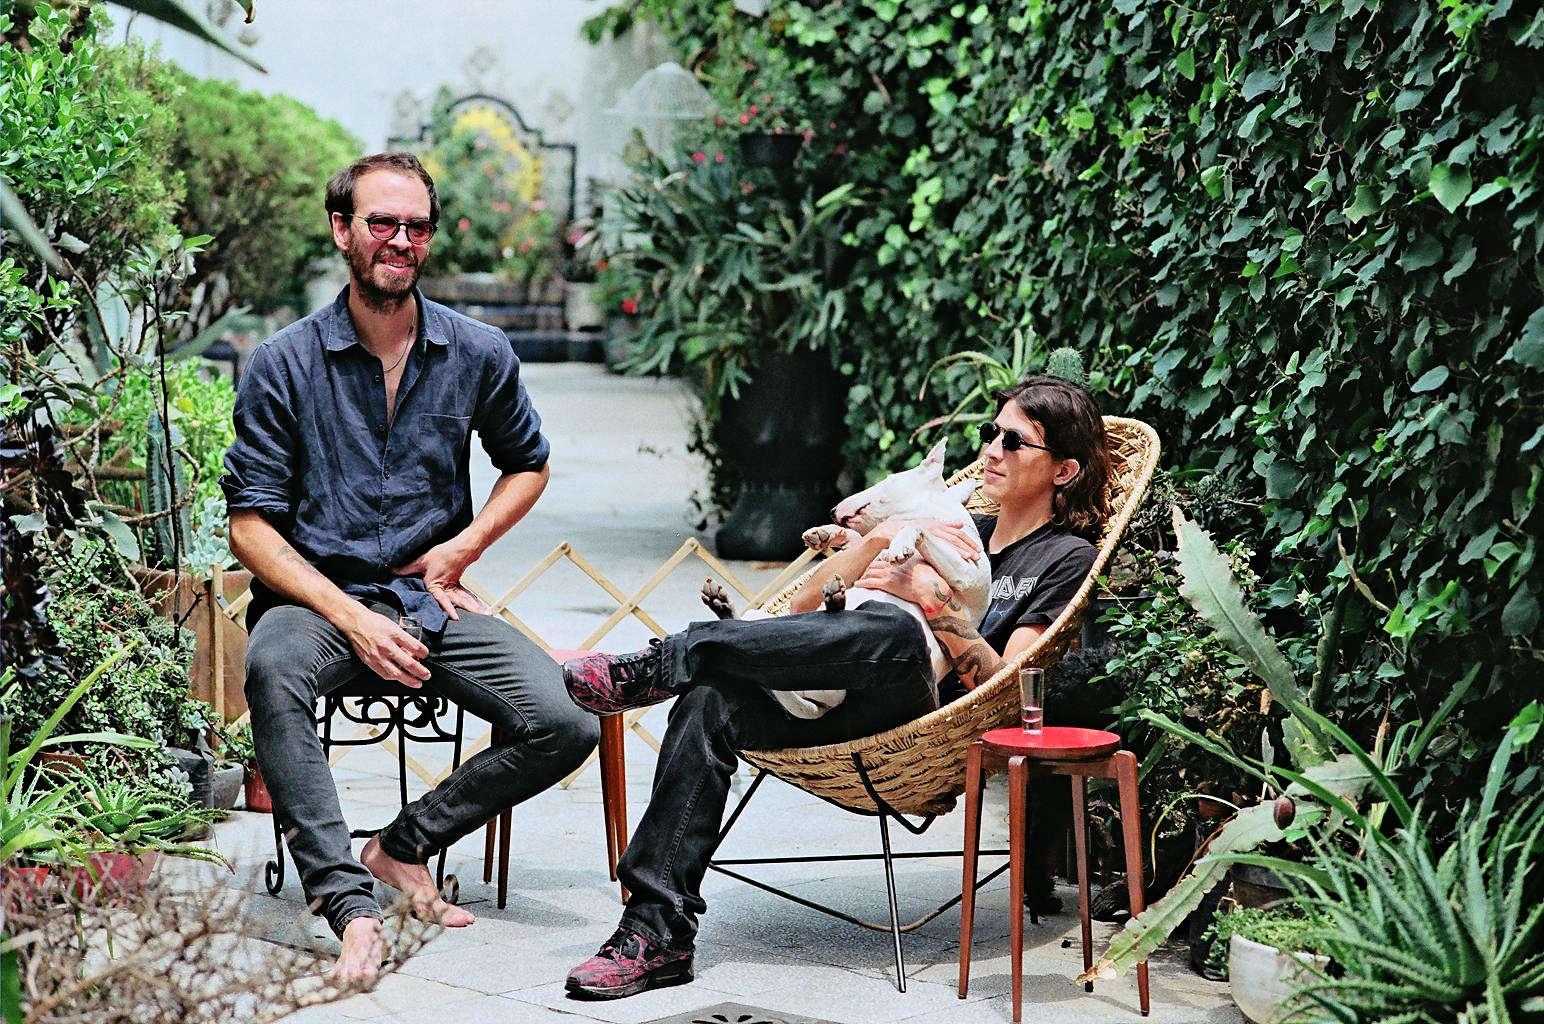 Freunde-von-Freunden-Alberto-Arango-Ramiro-Guerrero-008-gardenista